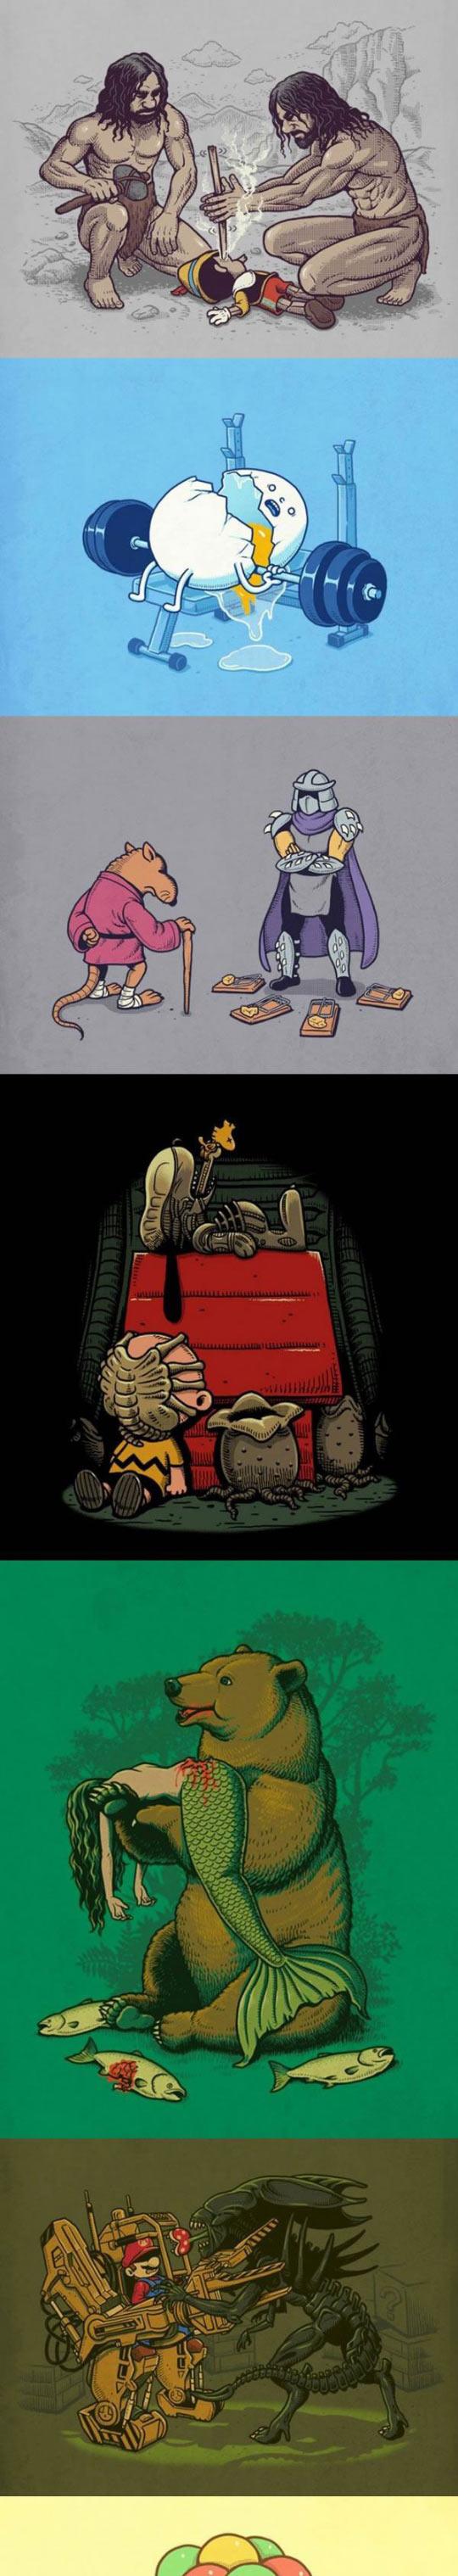 funny-illustrations-Pinocchio-Super-Mario-dead